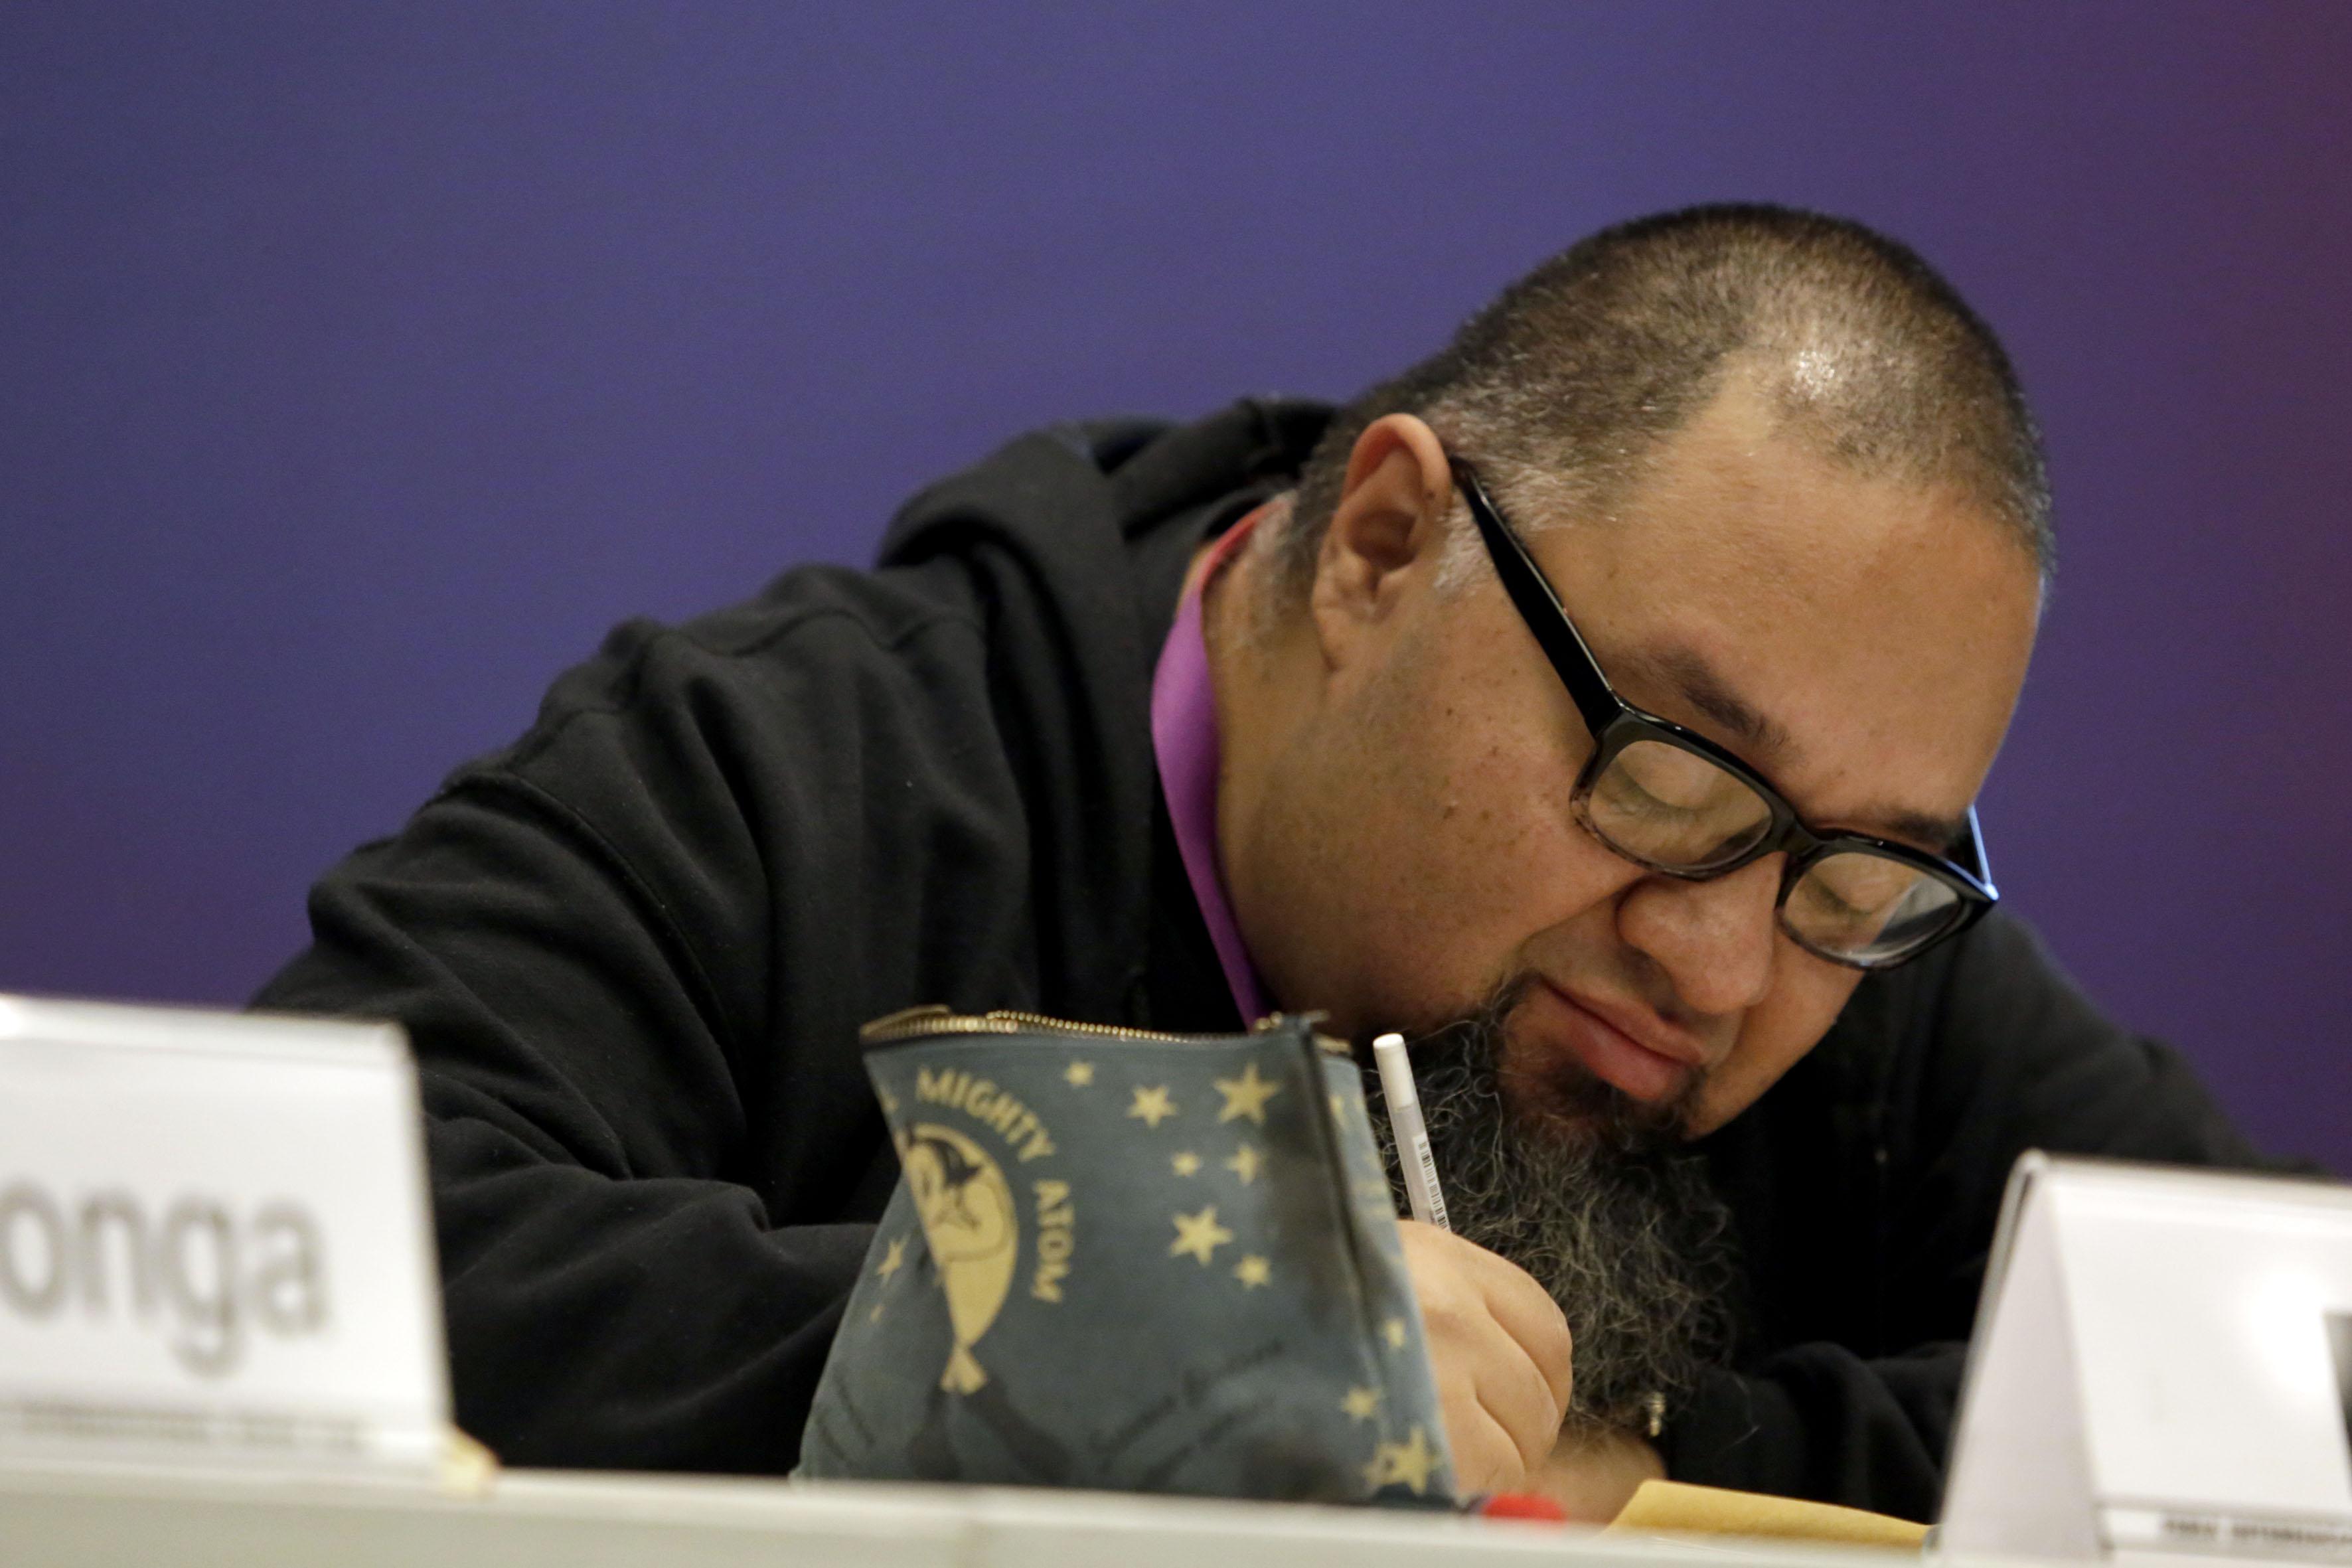 """Bernardo Fernández """"Bef"""", escritor, historietista y diseñador gráfico mexicano, ilustrando momentos de la charla"""